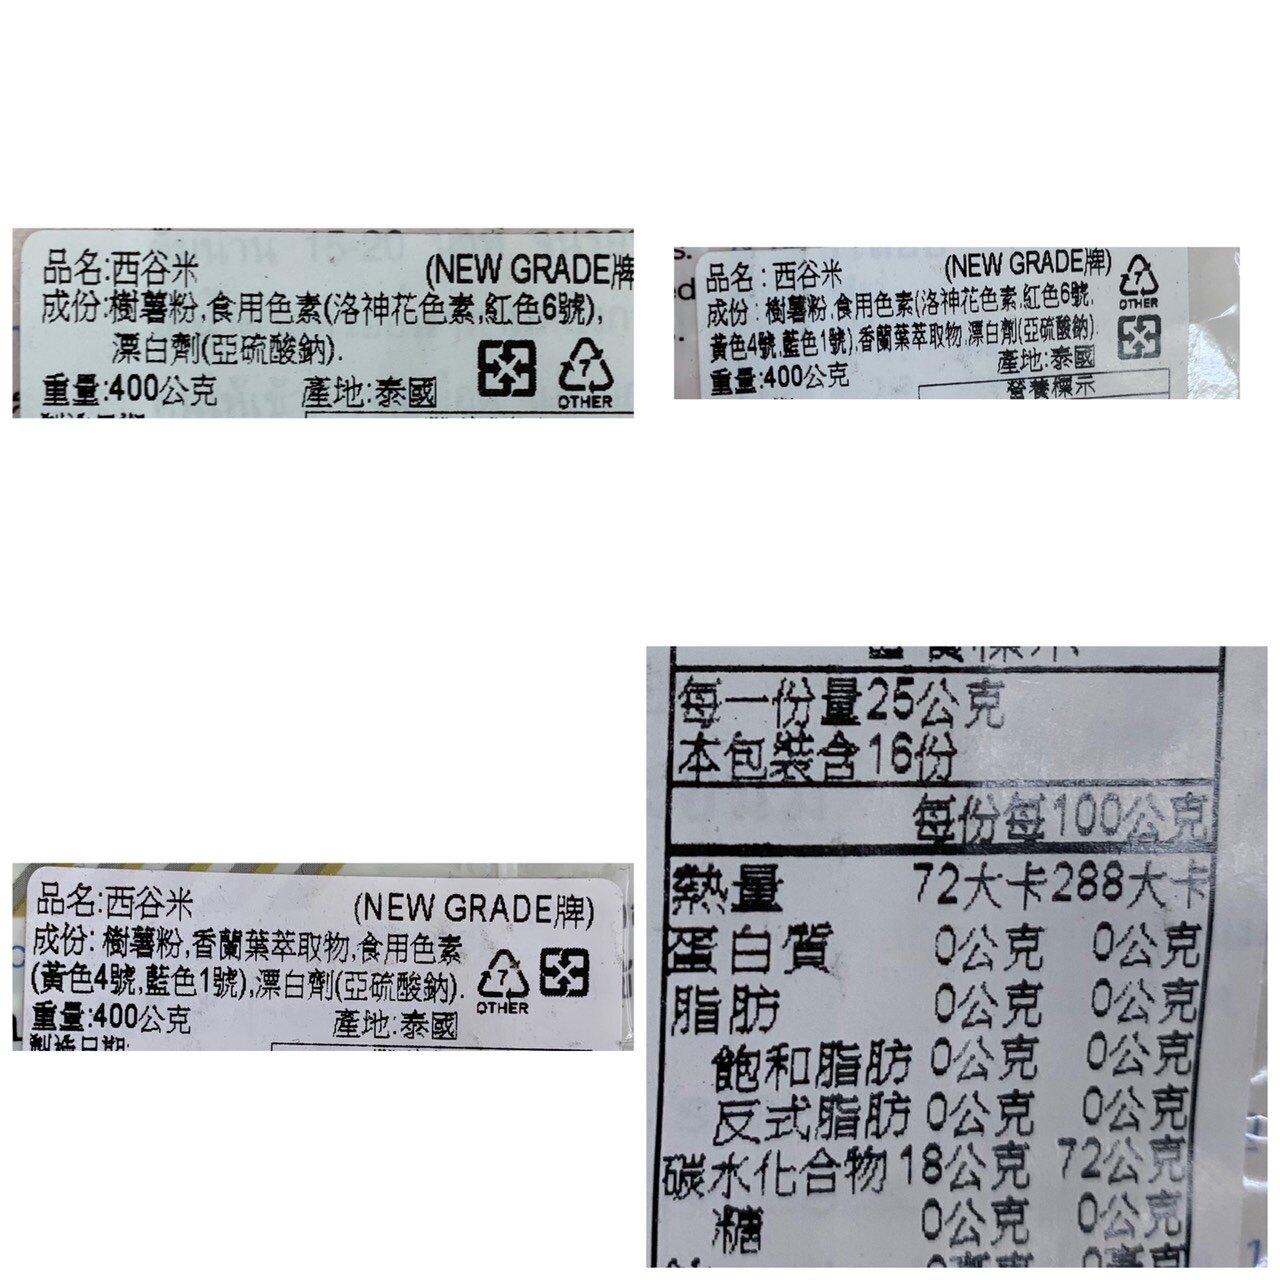 {泰菲印越} 泰國 new grade 西谷米 400克